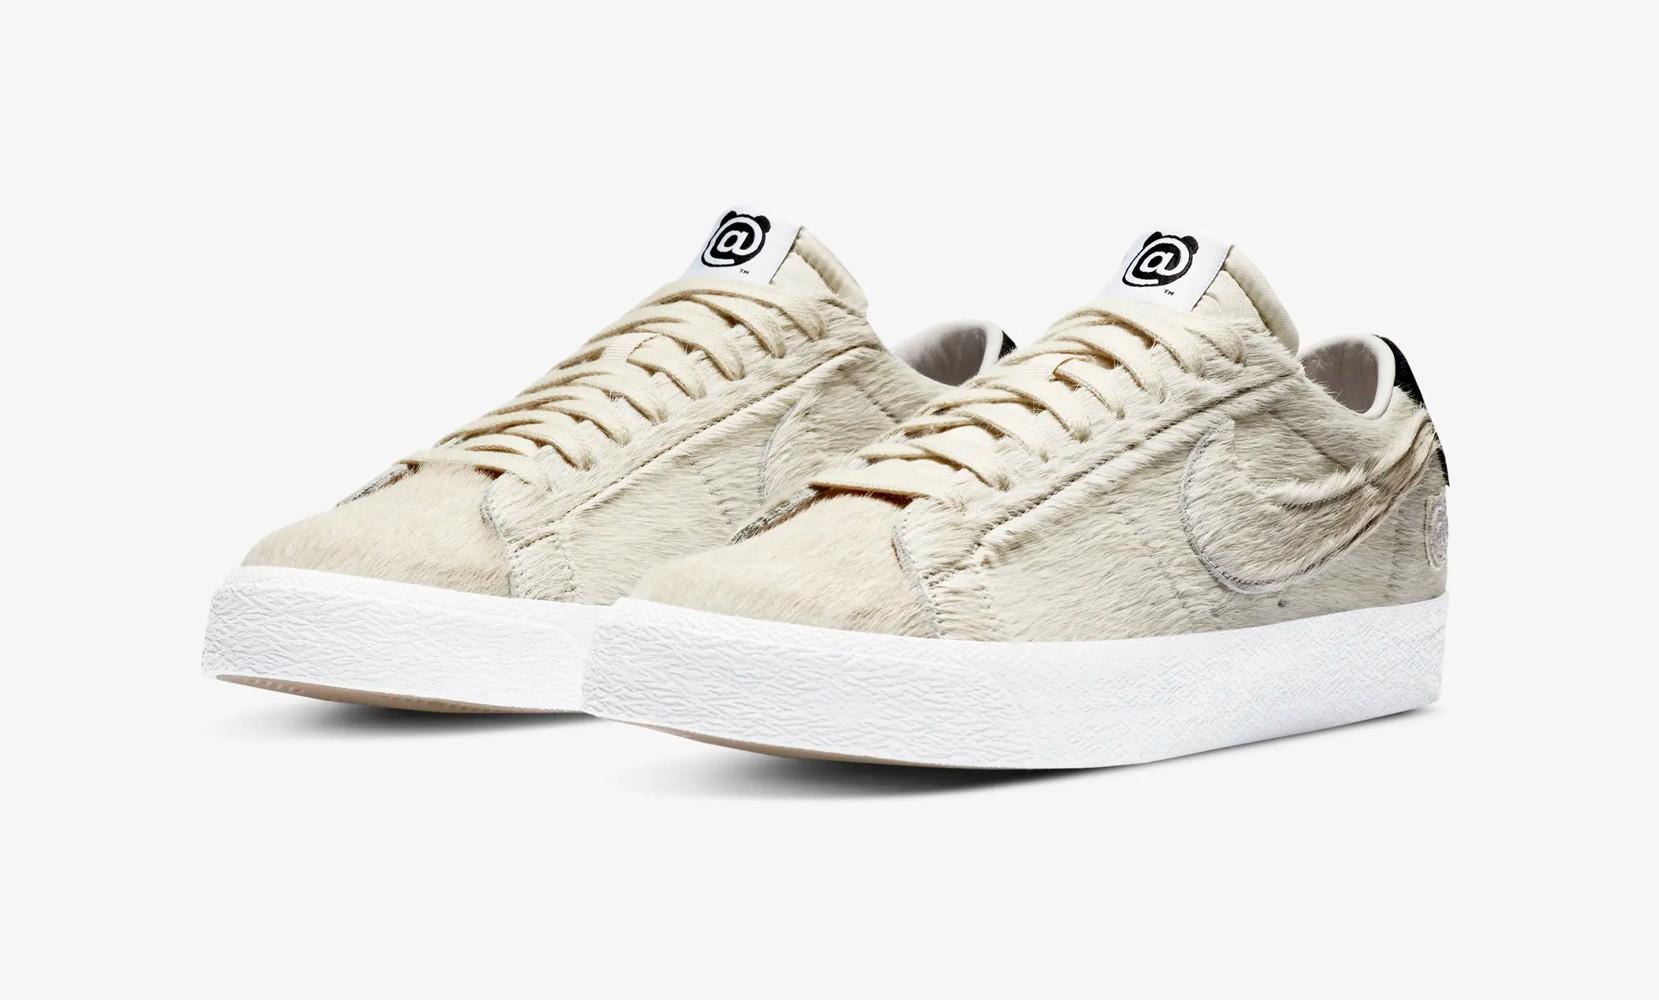 Medicom Toy x Nike SB Blazer Low BE@RBRICK